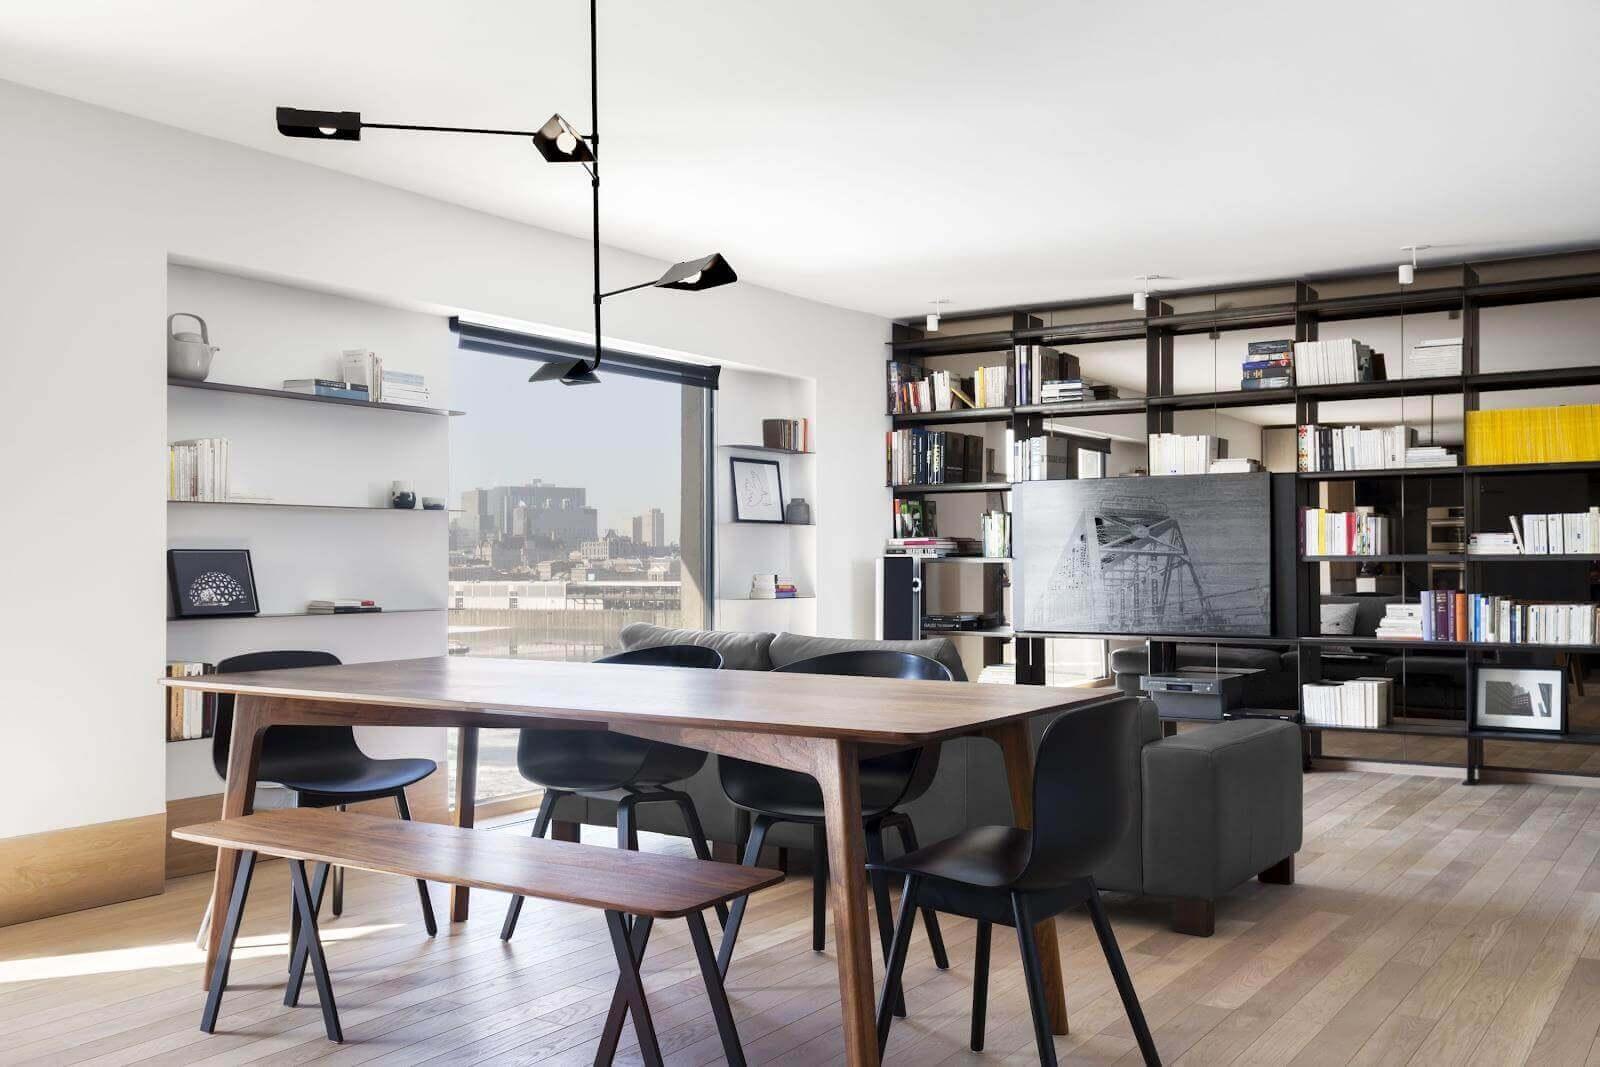 nội thất phong cách brutalism đẹp